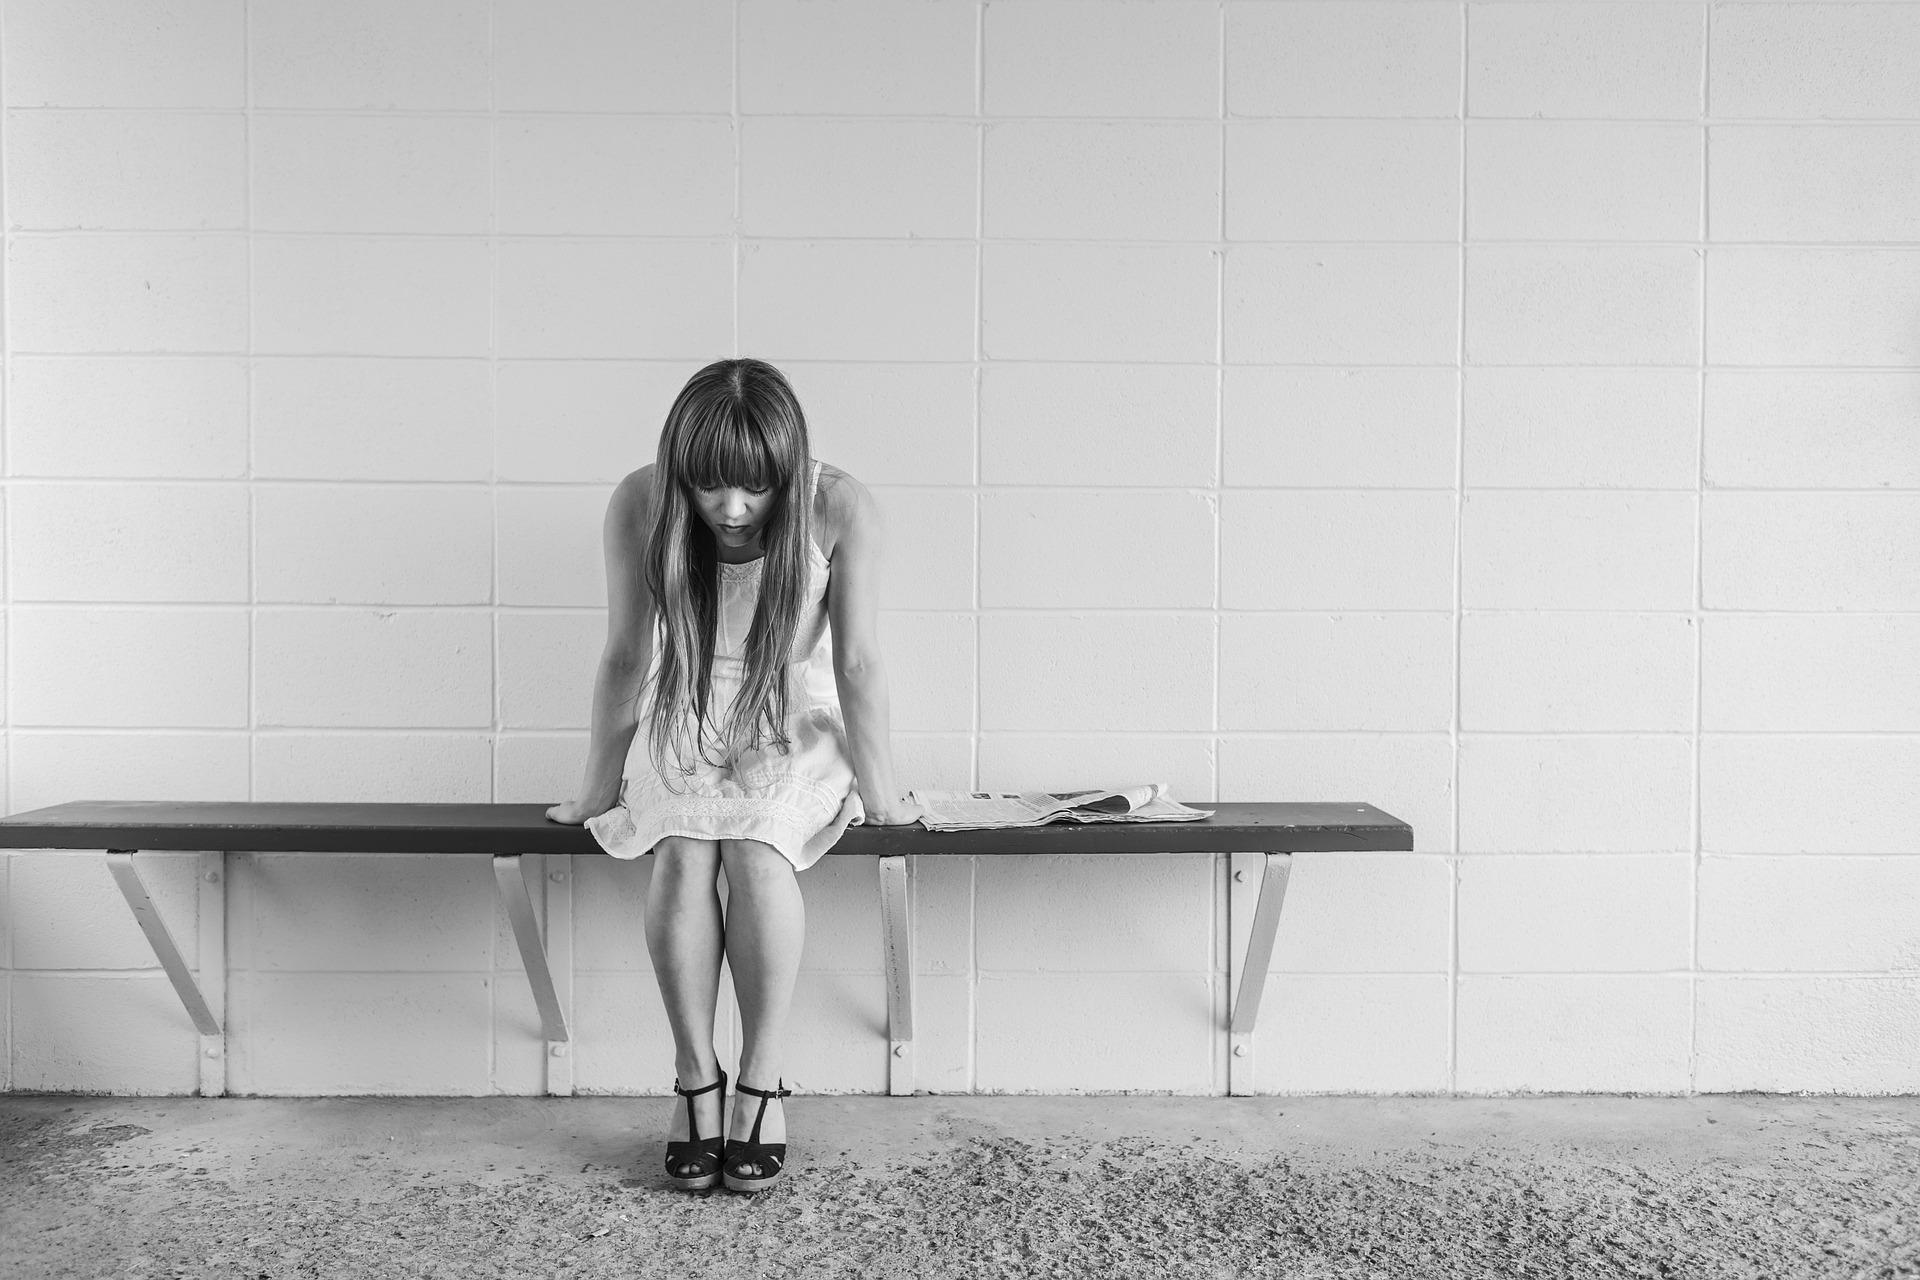 Podpora pri spoprijemanju z depresijo